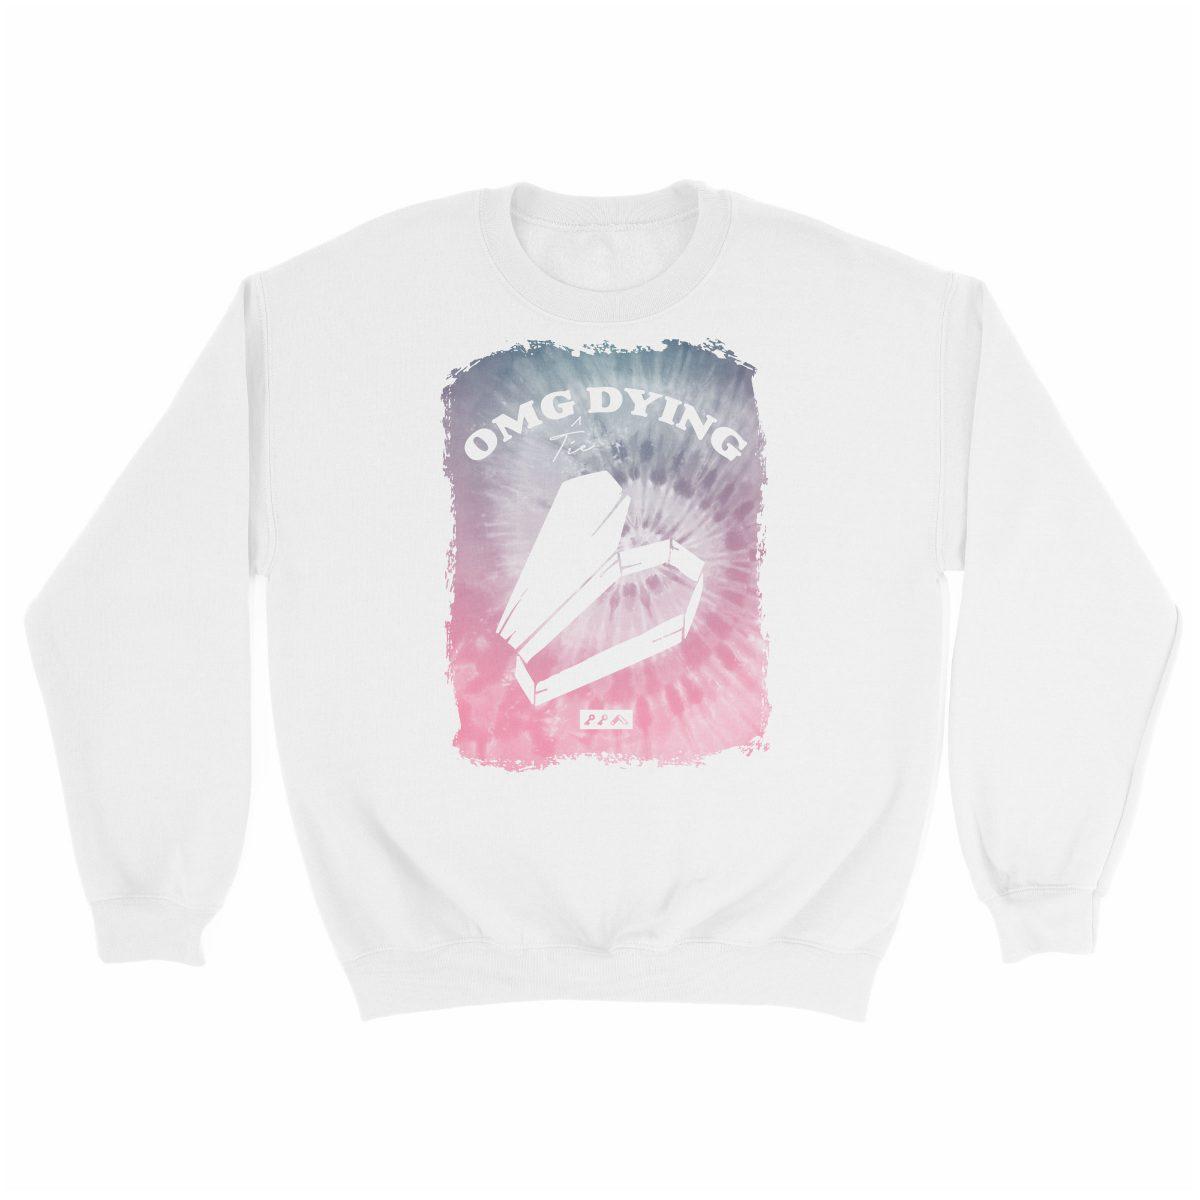 OMG DYING tie dye music festival sweatshirt in white